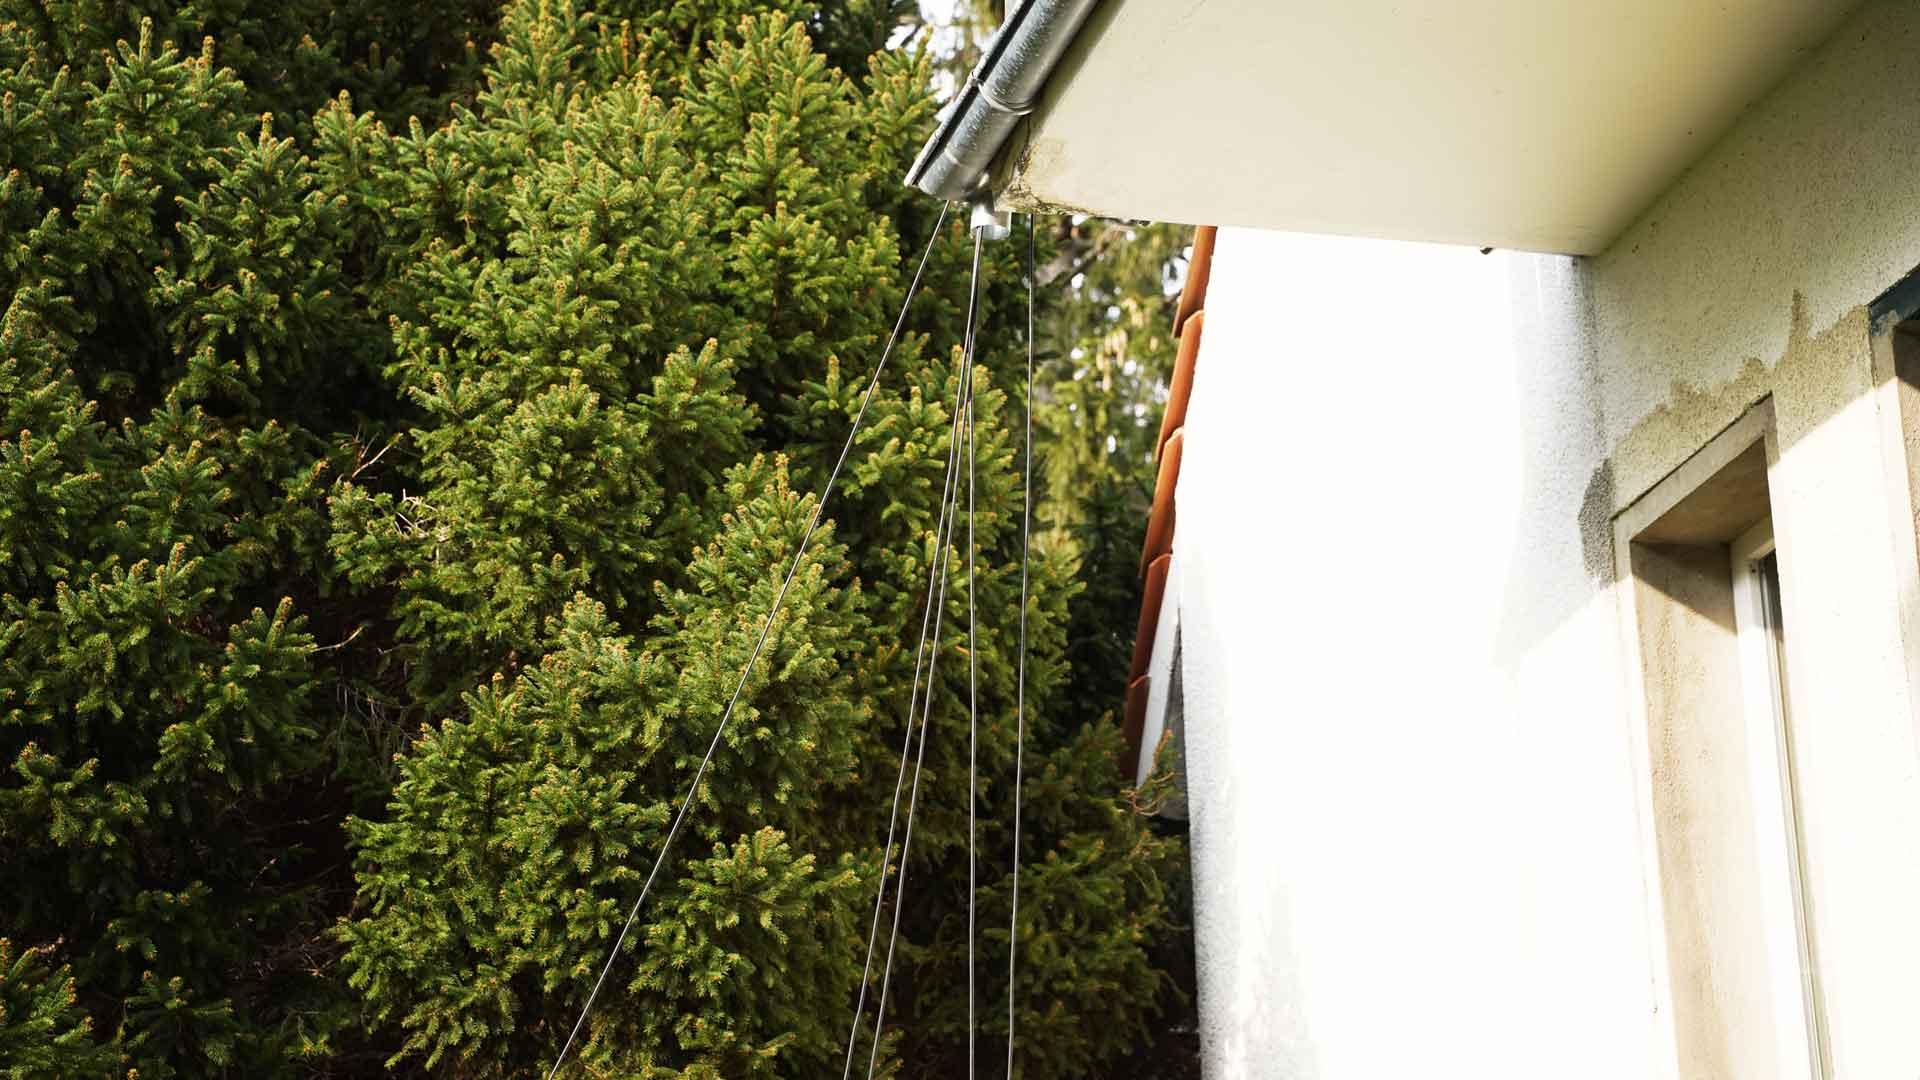 Tontechnik beim Balkon der freien Künste 2020